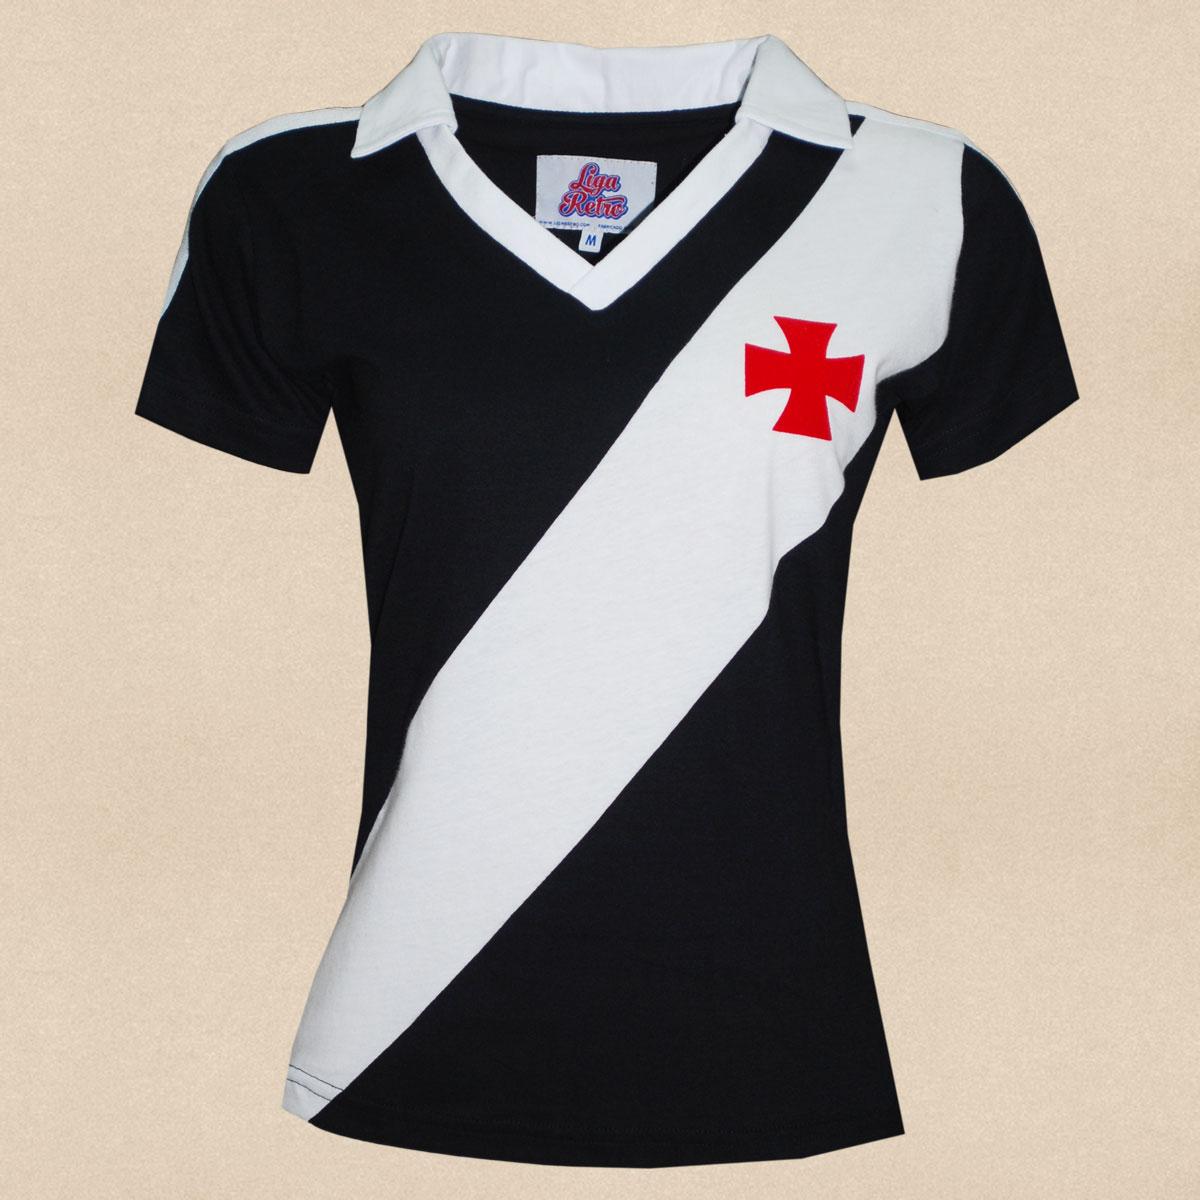 Camisa Vasco feminina 1989